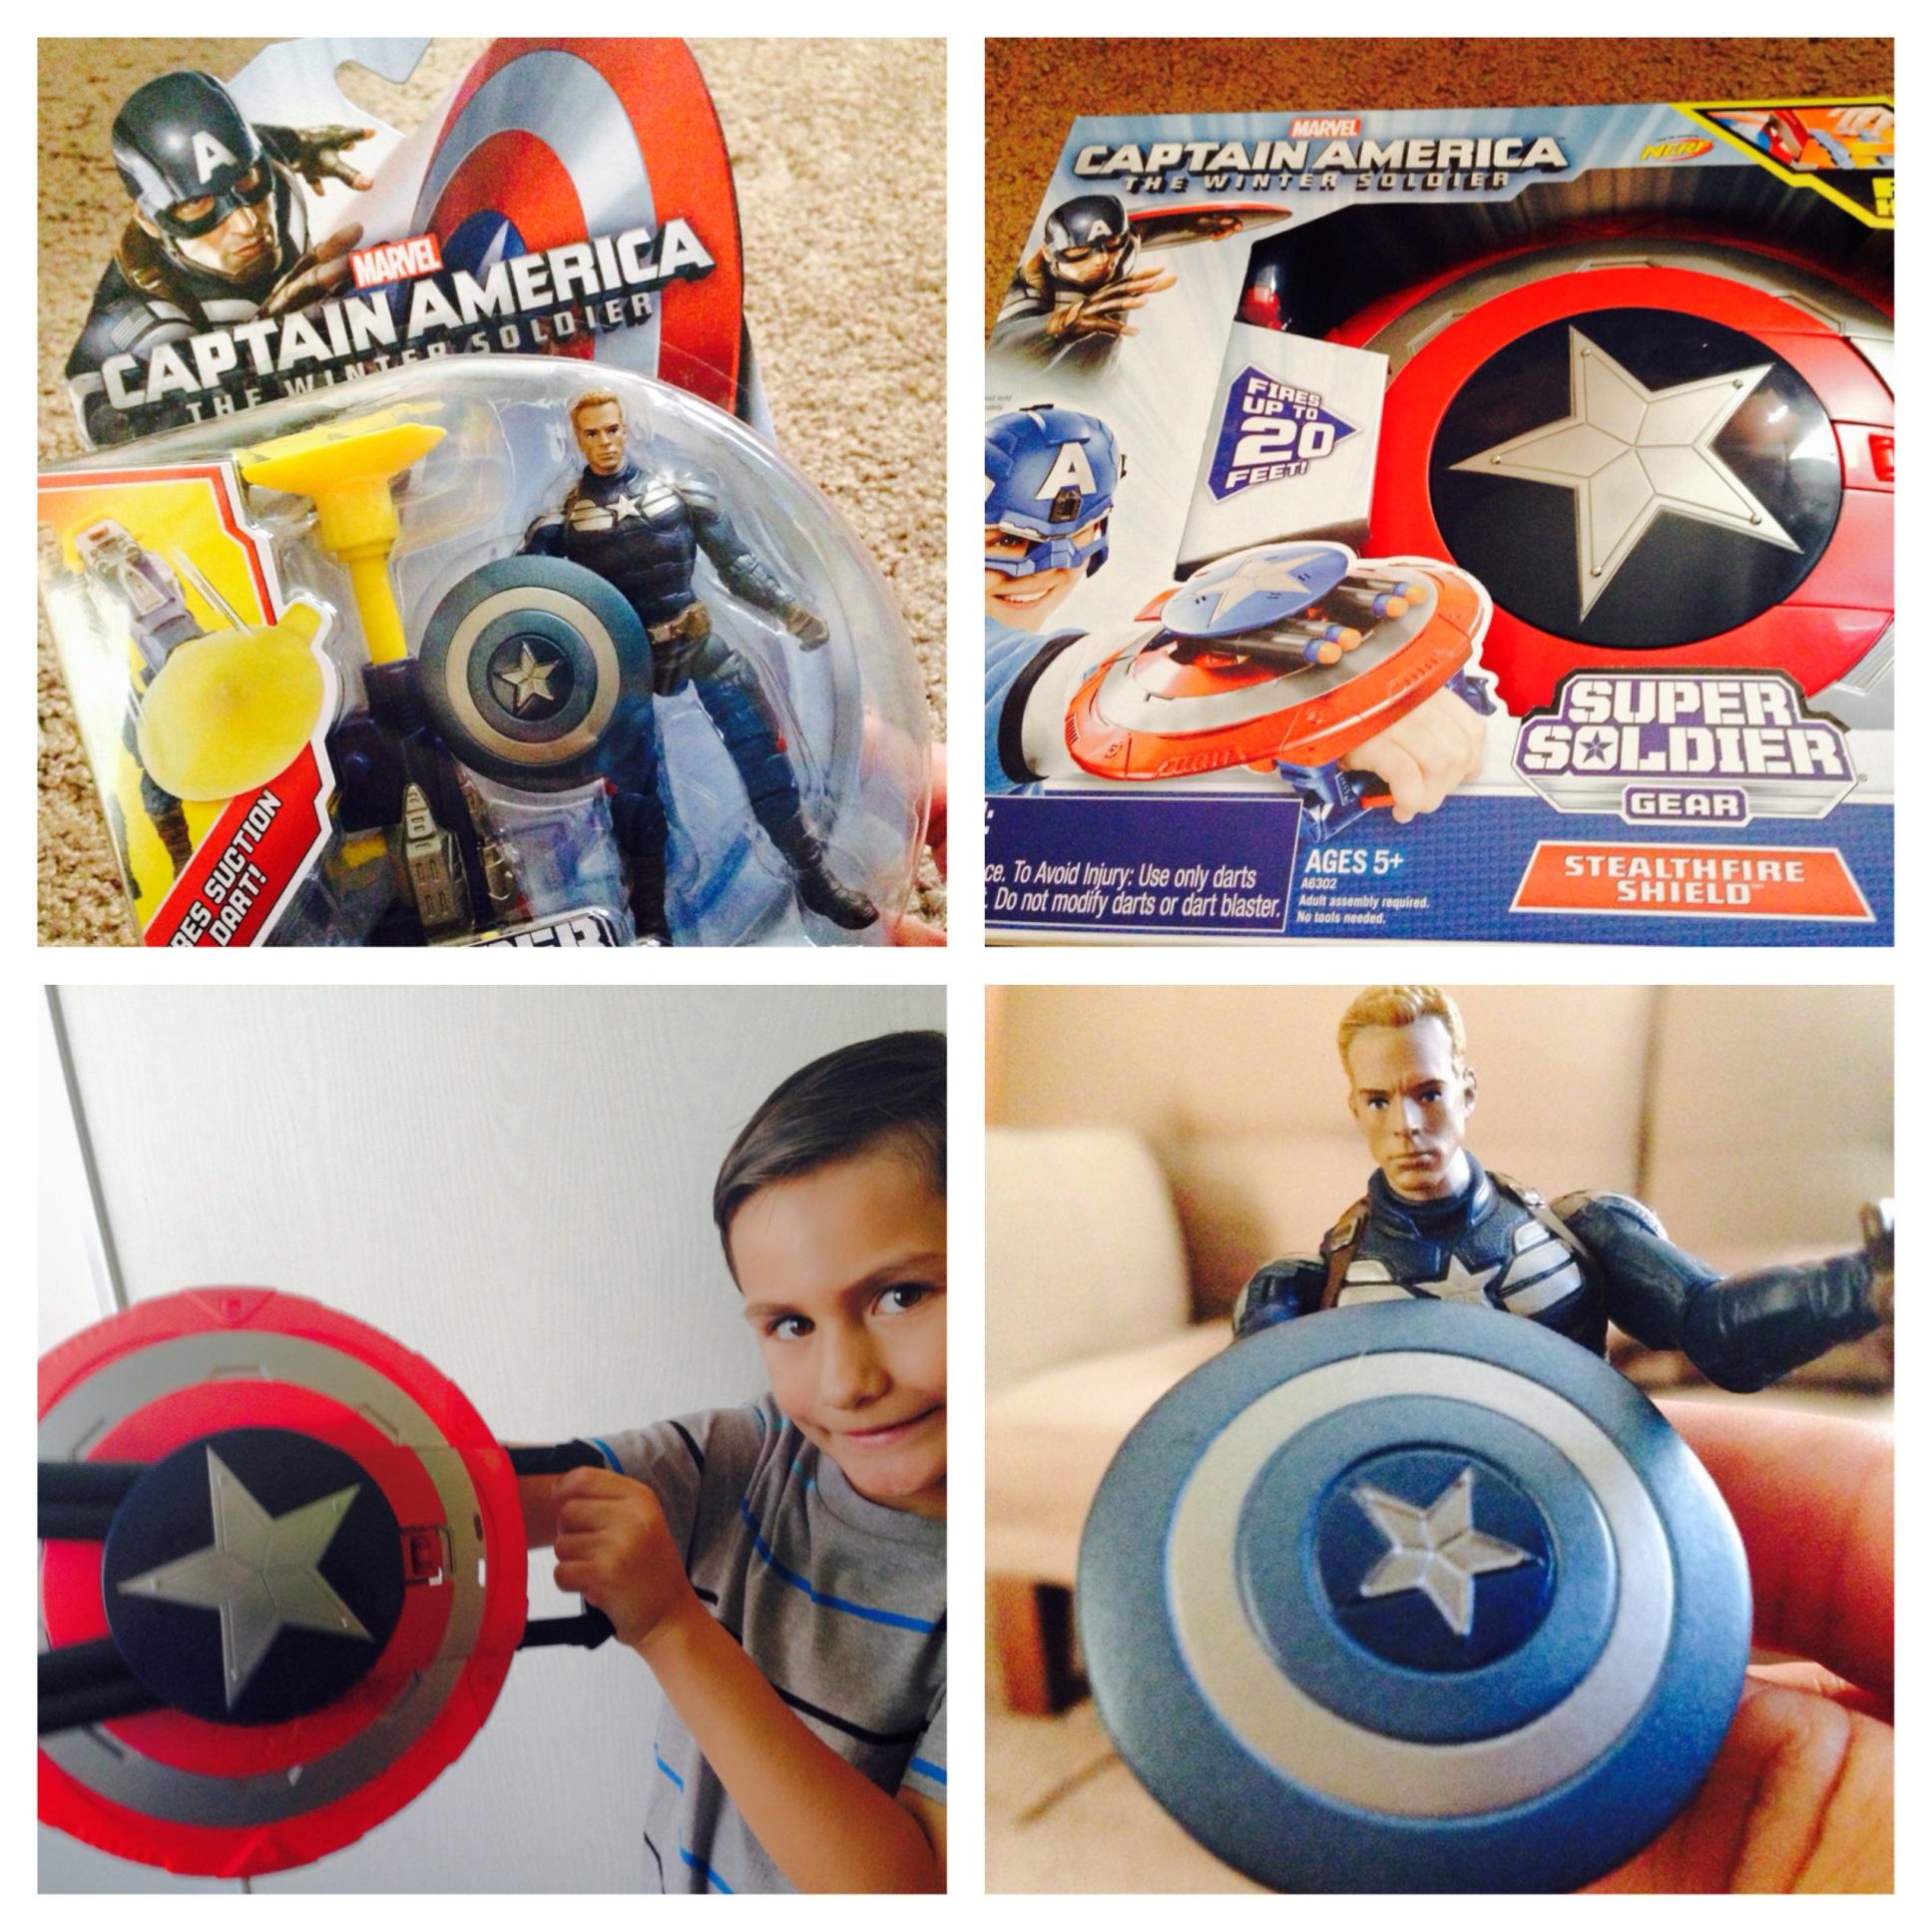 """Mamá al rescate con """"Captain America""""   Mamá Noticias"""